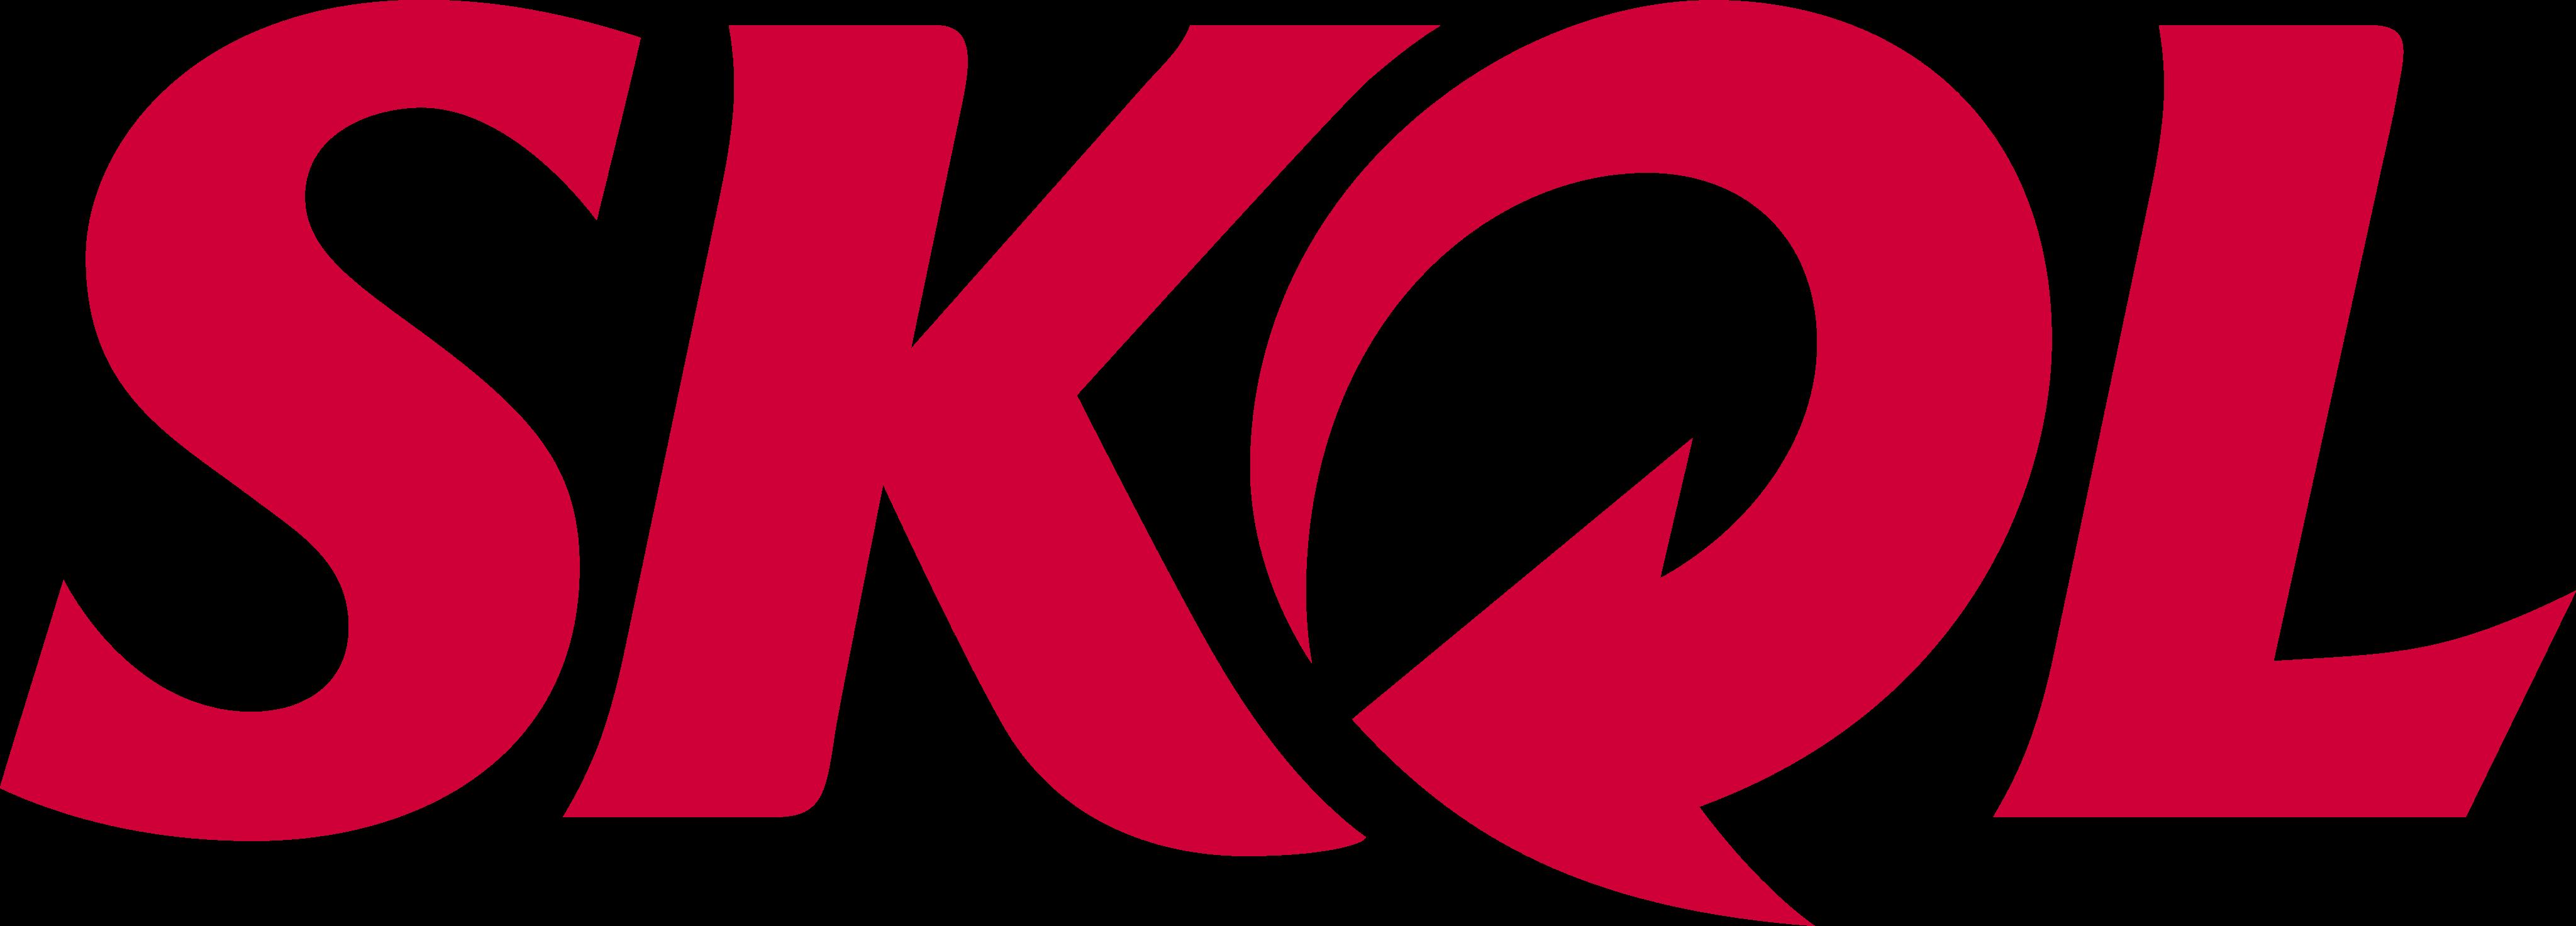 skol logo 7 - Skol Logo